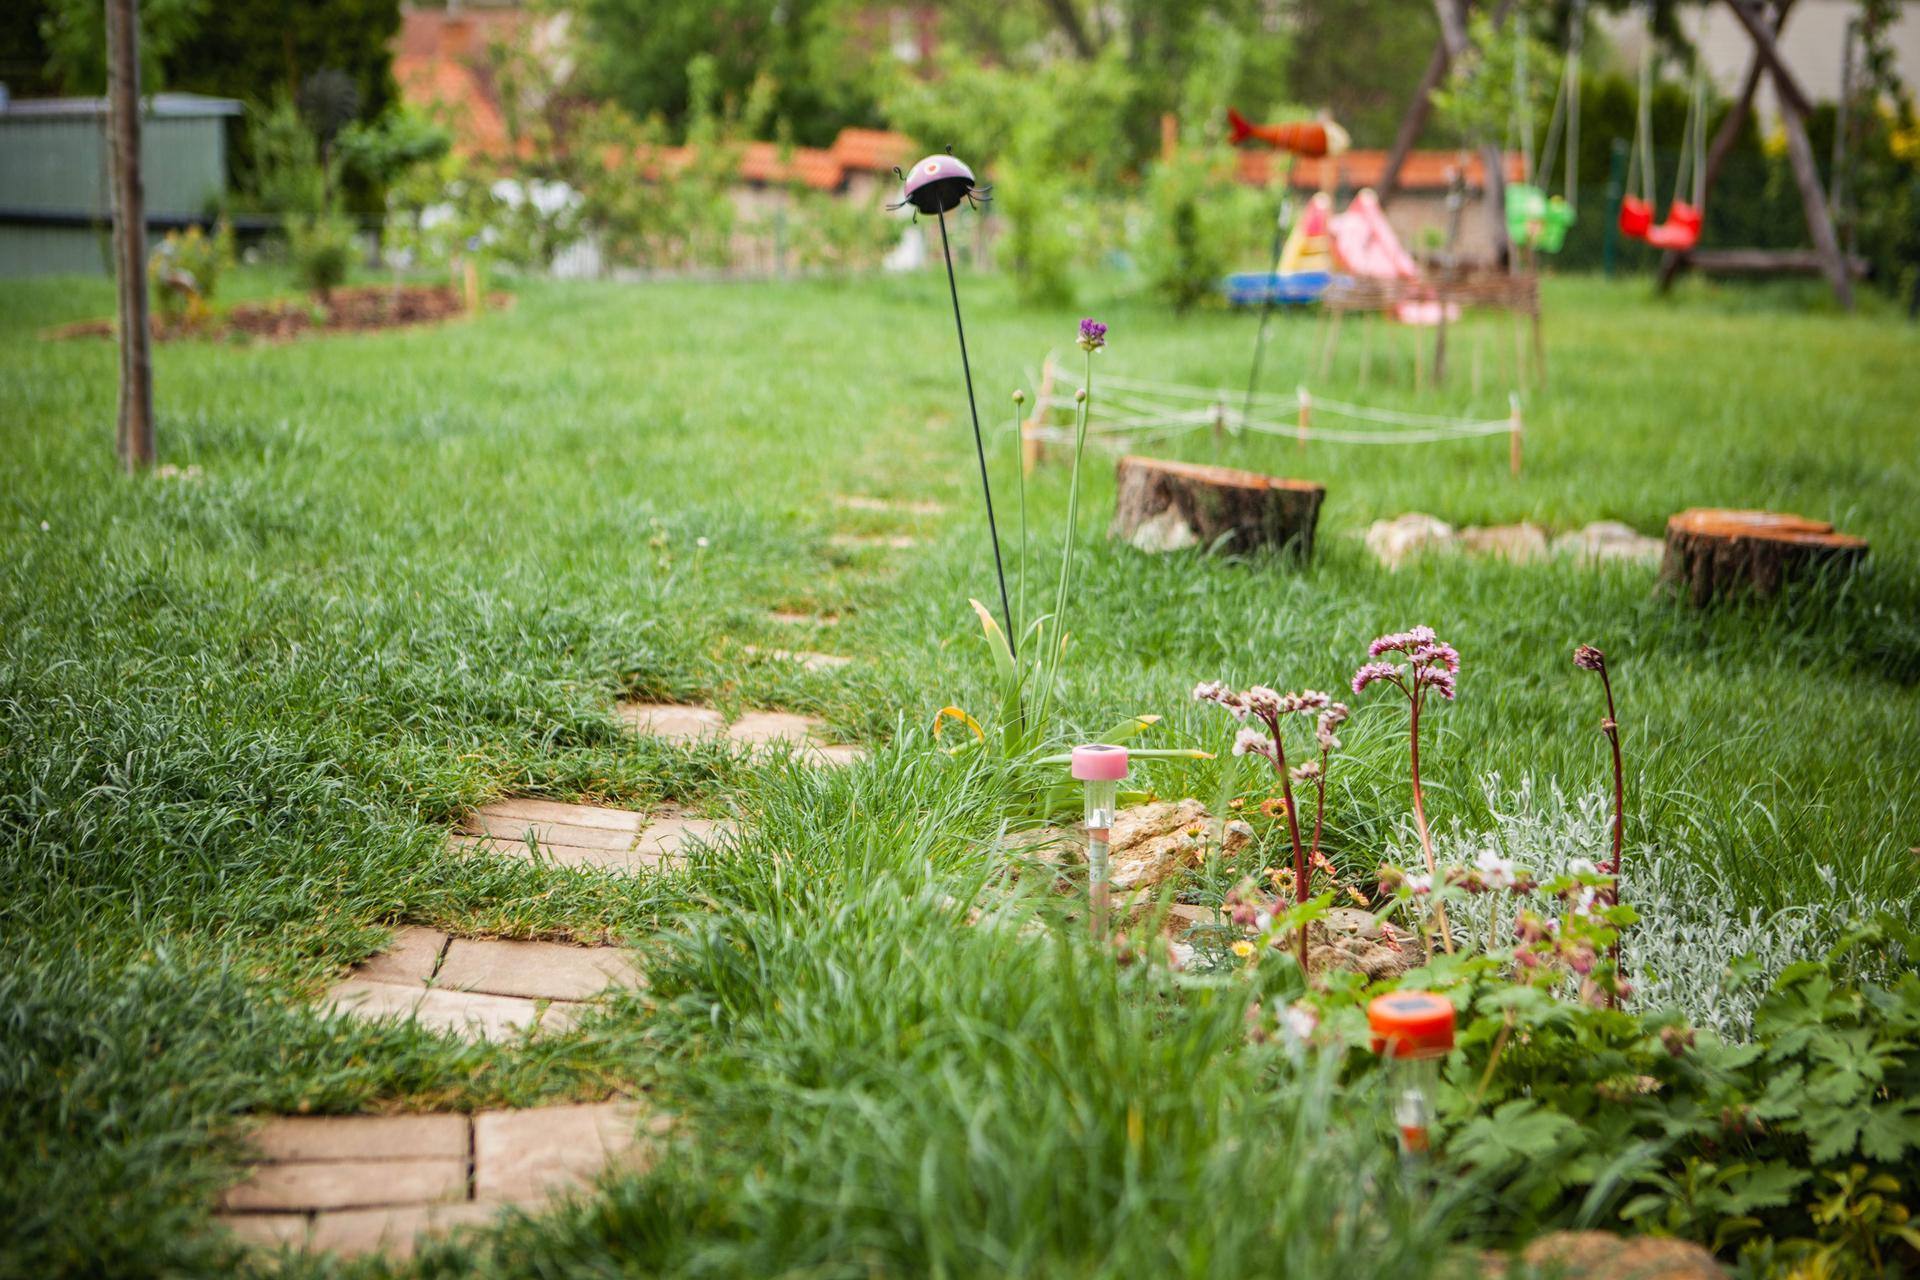 U nas v zahrade v roku 2021 - pekne nam to po dazdoch bujnie, aj ta trava :-D